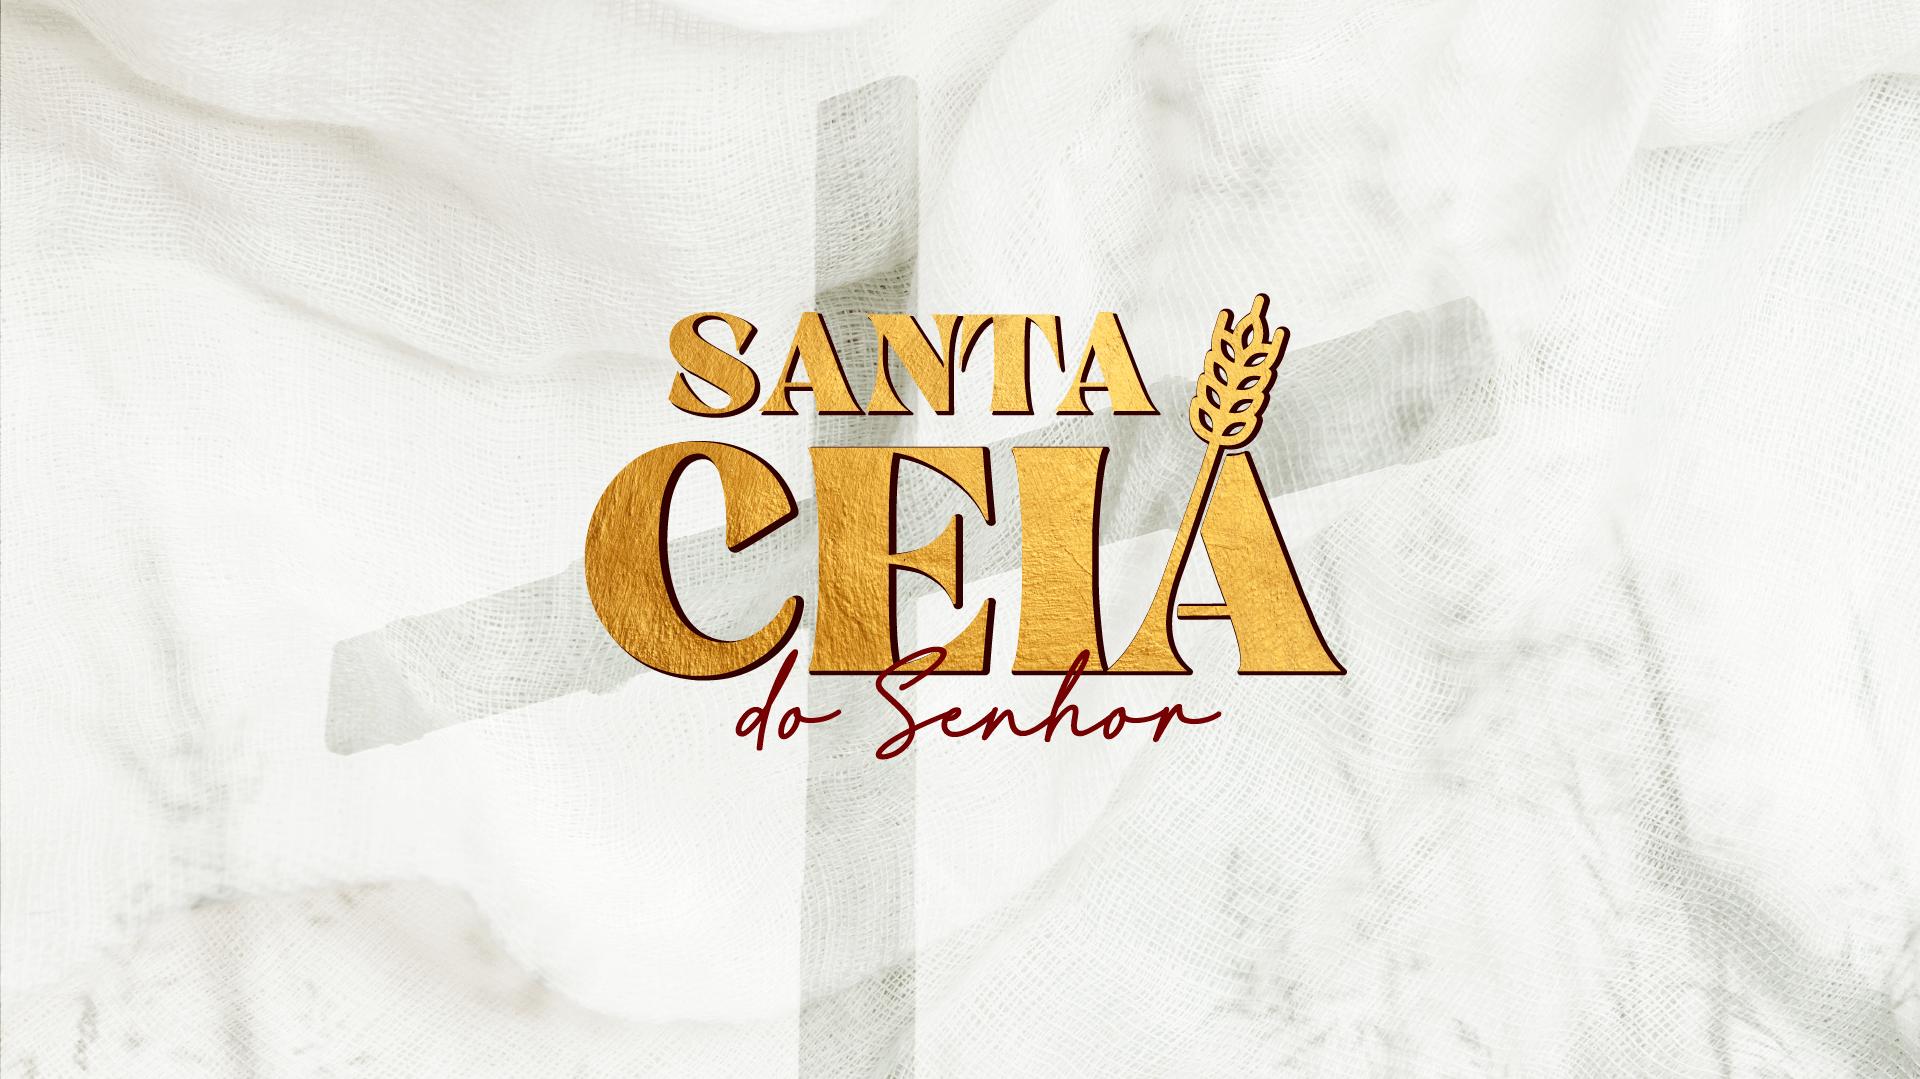 Culto de Santa Ceia (Presencial)